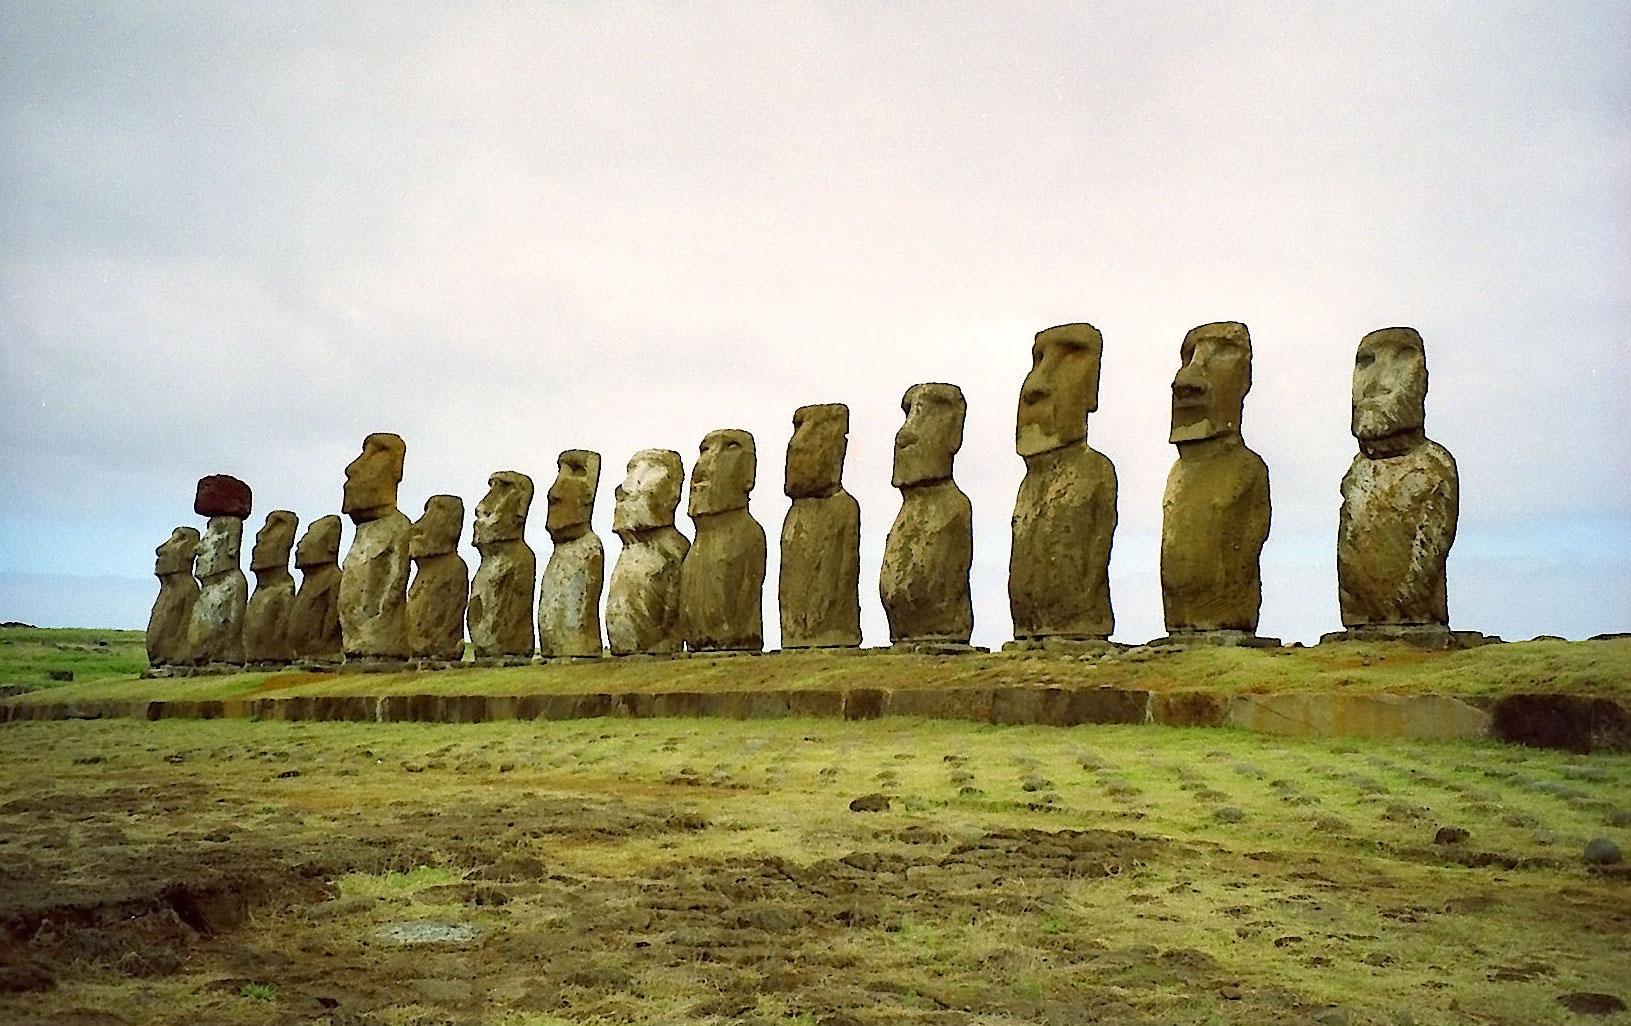 Ahu Tongariki på Påskeøen